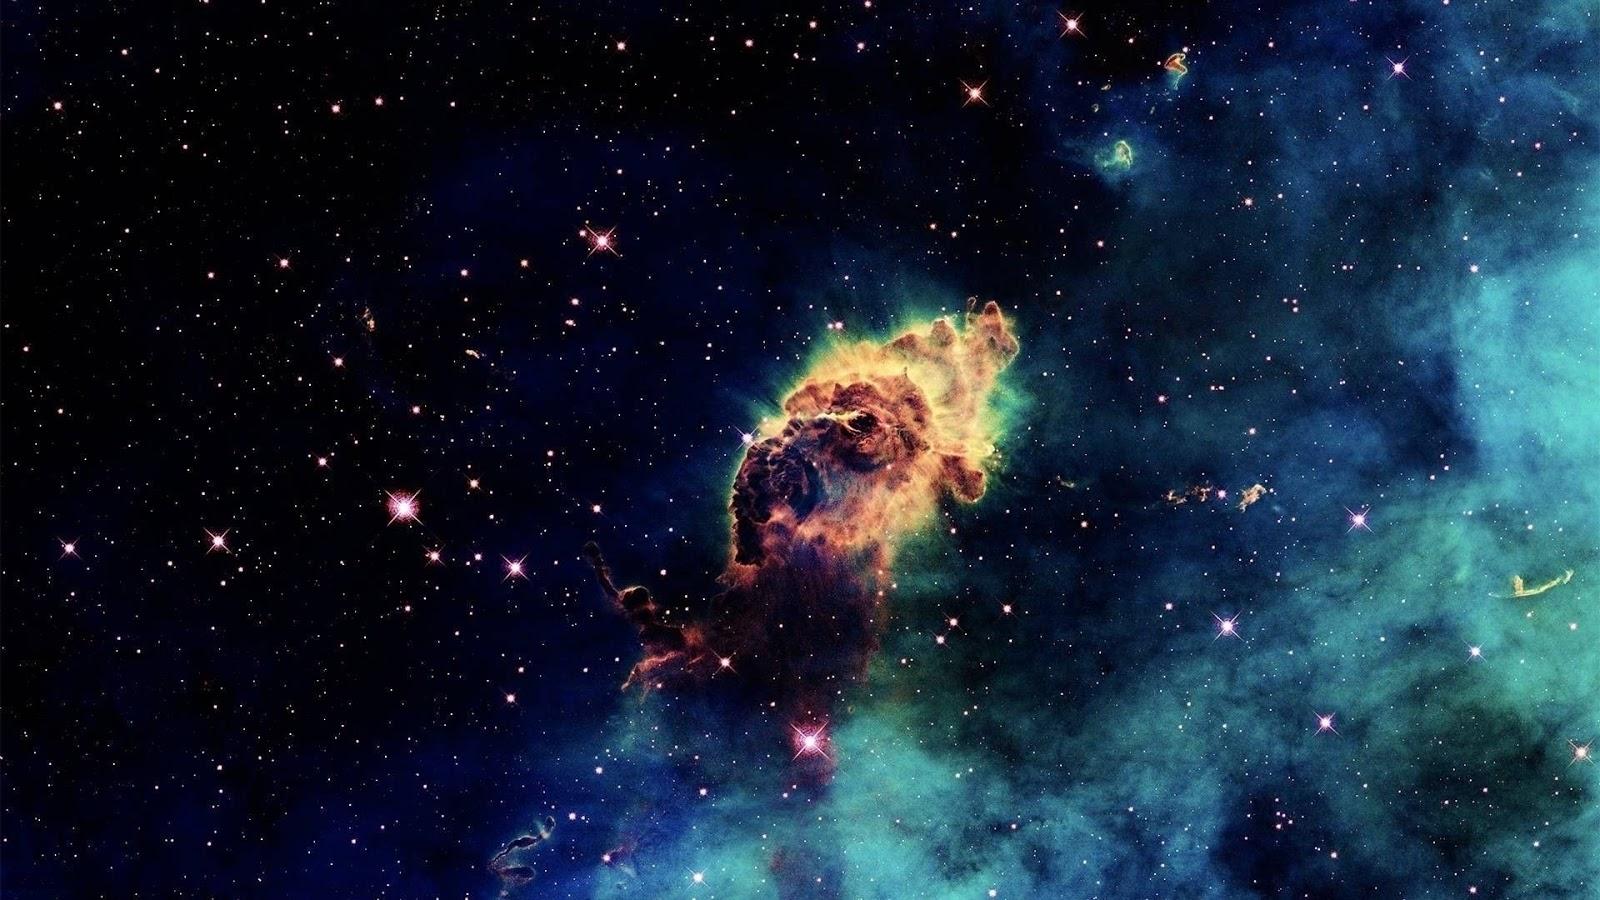 Descifrarea secretelor universului este una dintre preocuparile constante ale oamenilor,